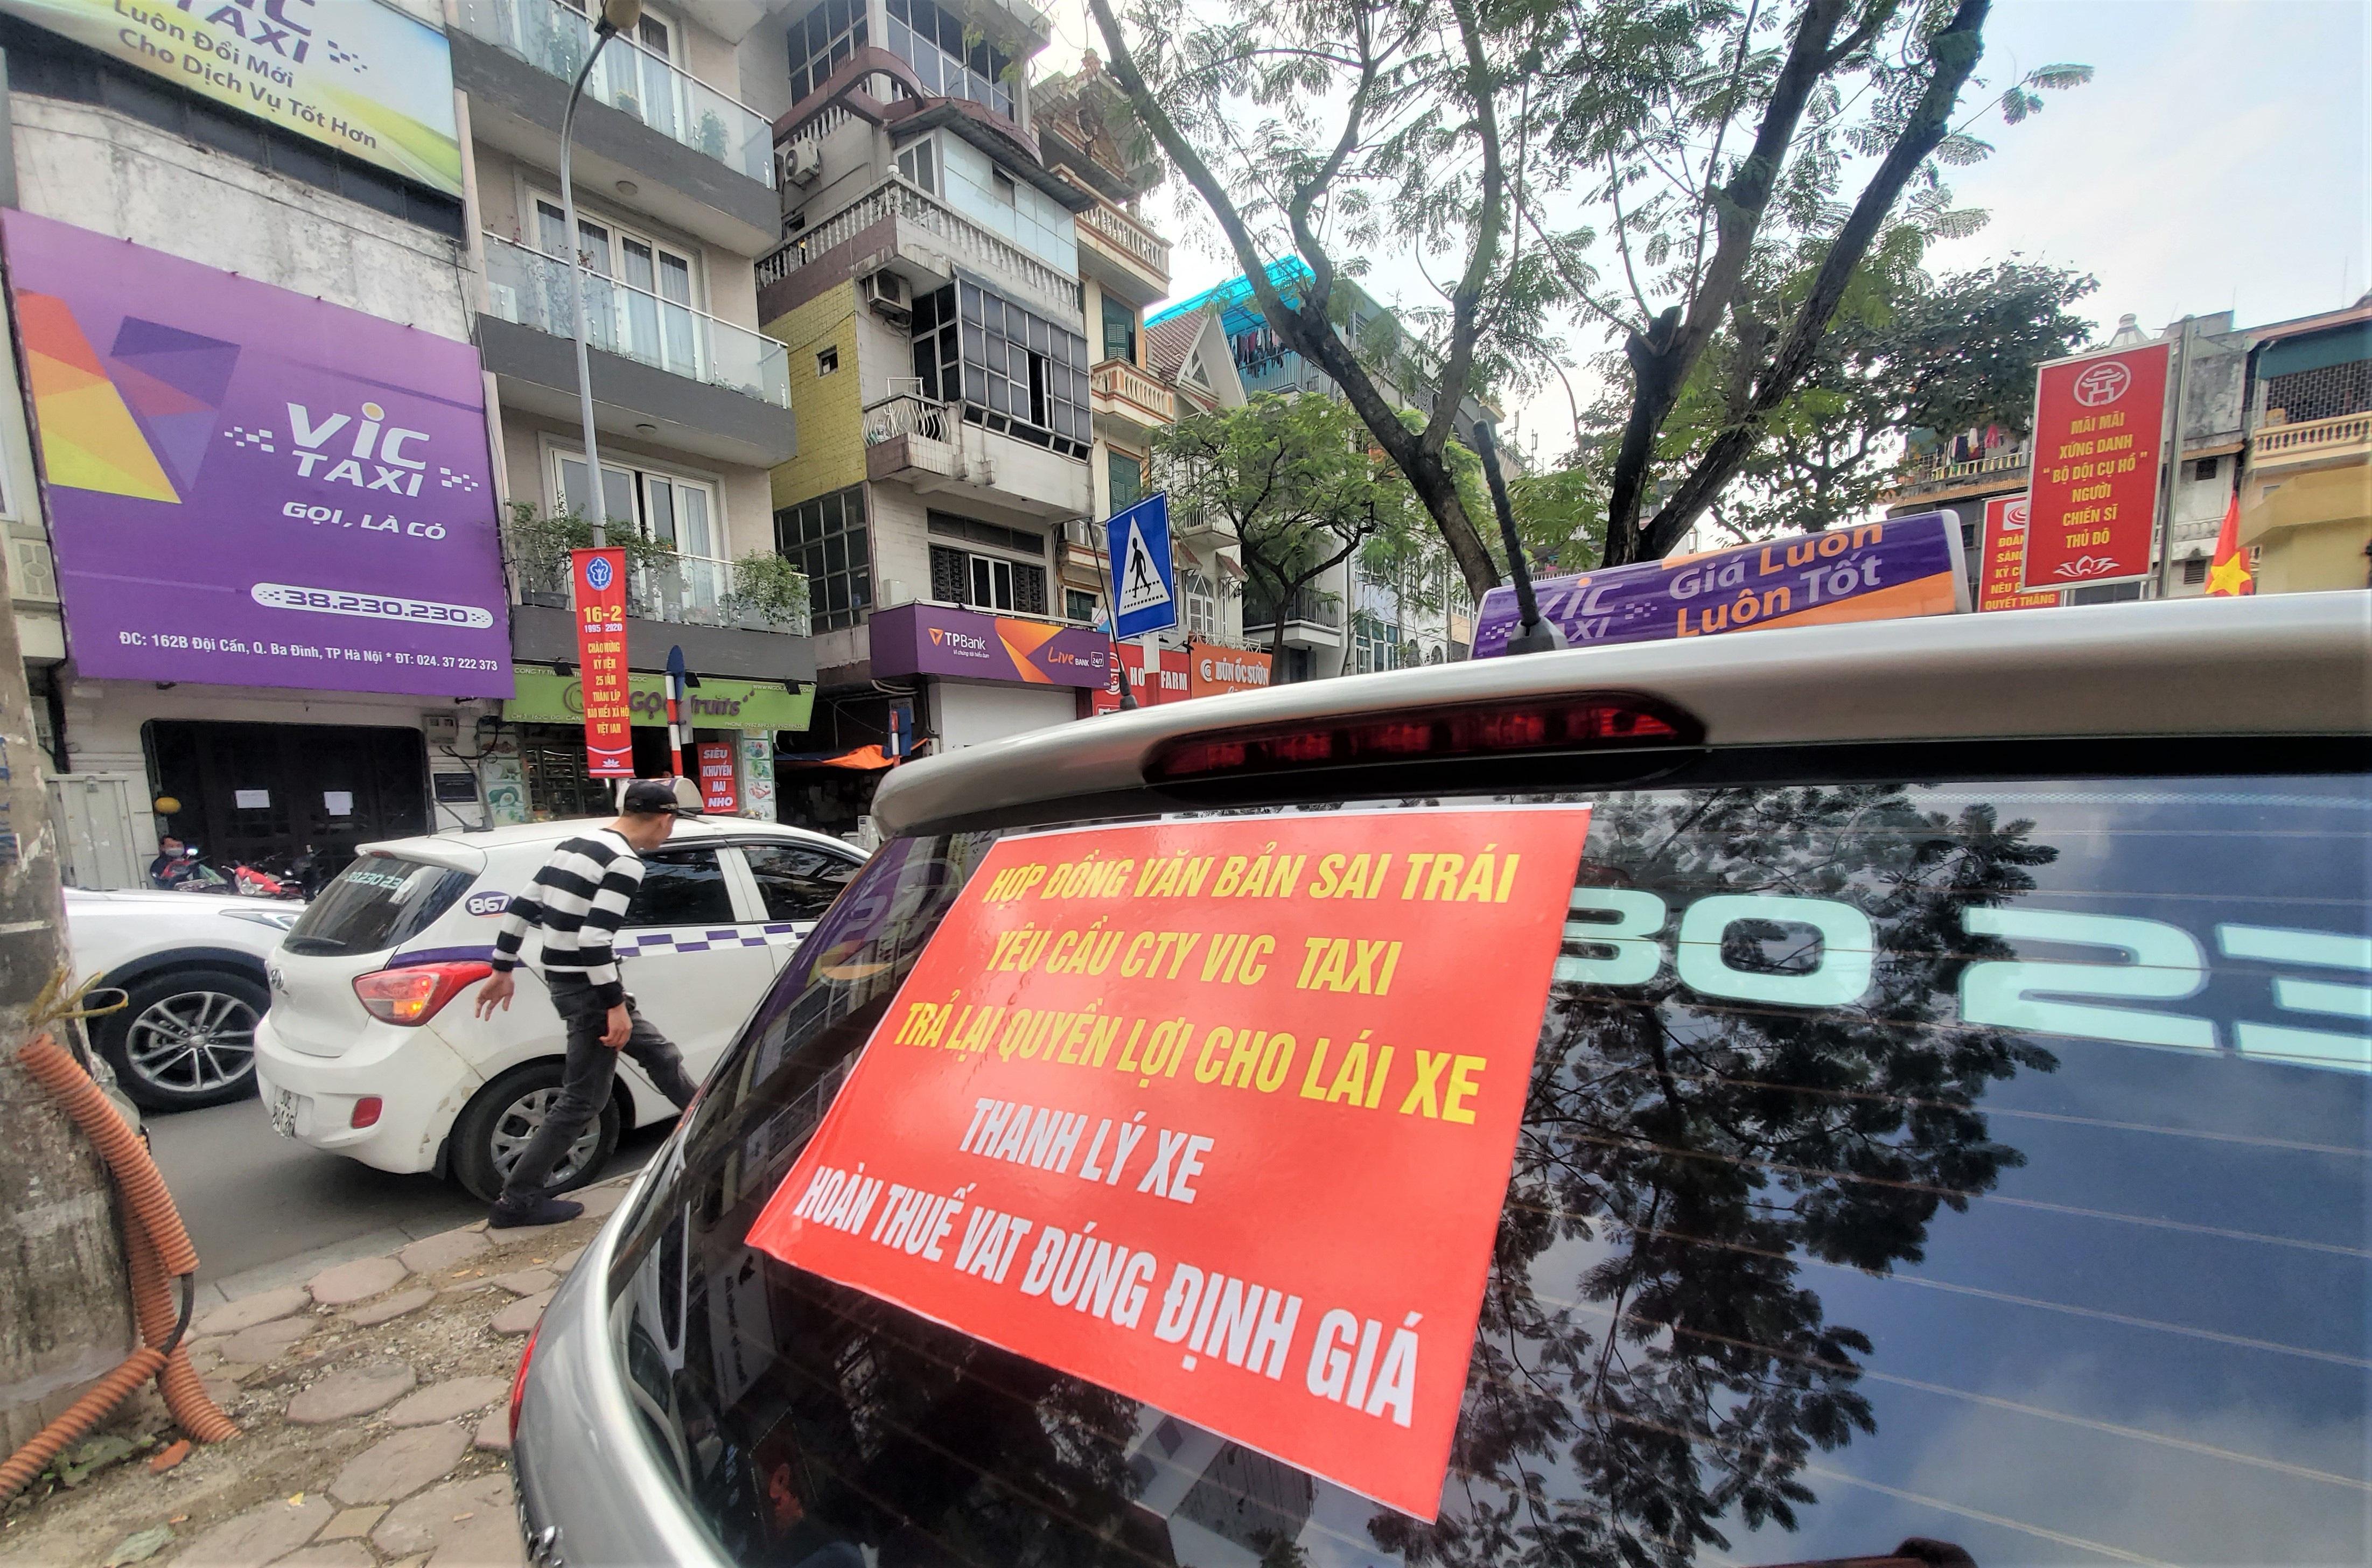 Tài xế Vic Taxi tắt đàm, bỏ làm kéo đến trụ sở hãng biểu tình - Ảnh 3.